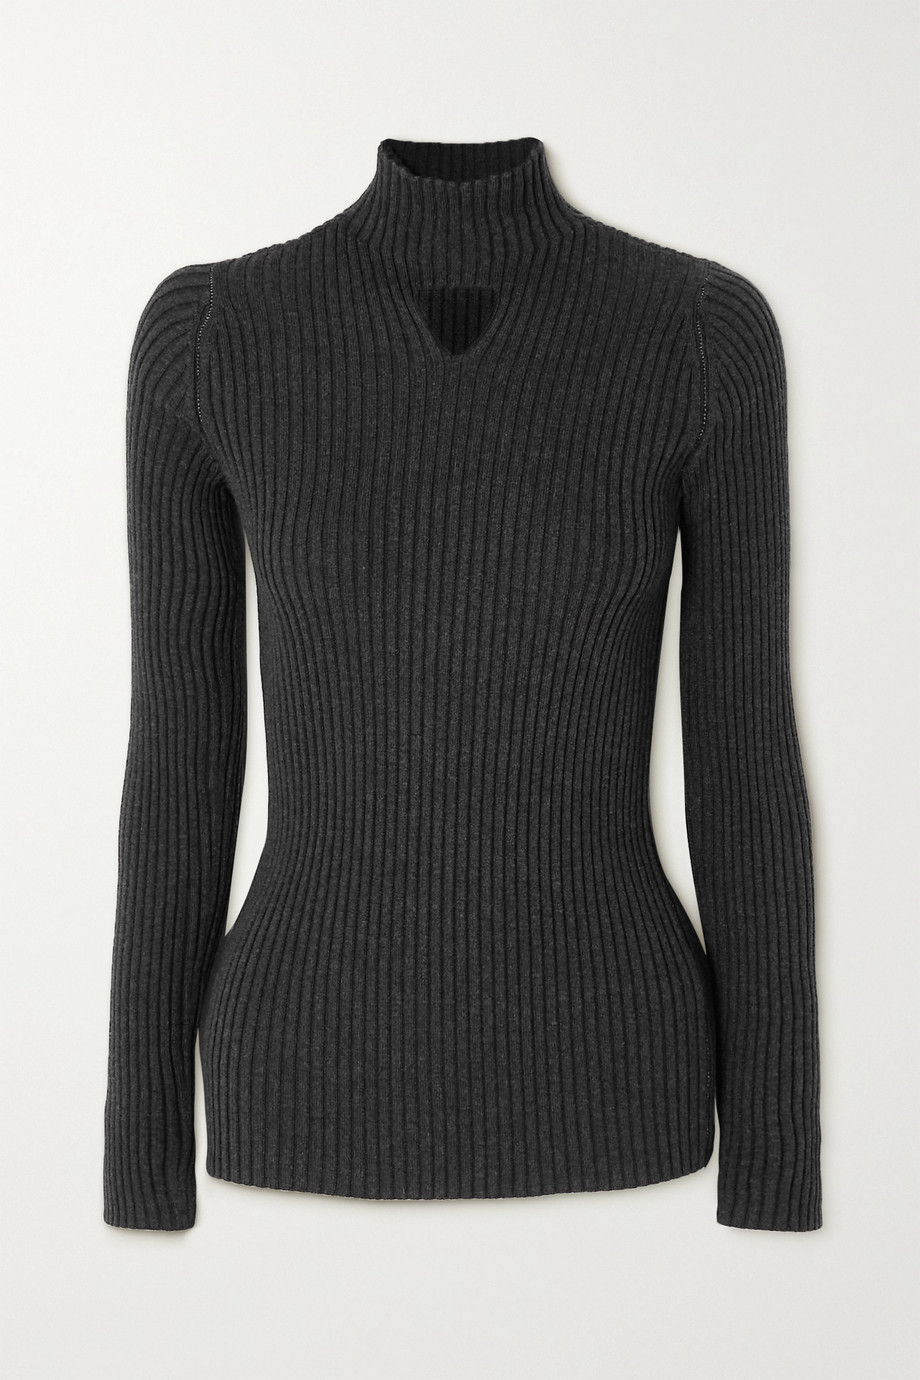 Bottega Veneta Cutout ribbed wool-blend sweater